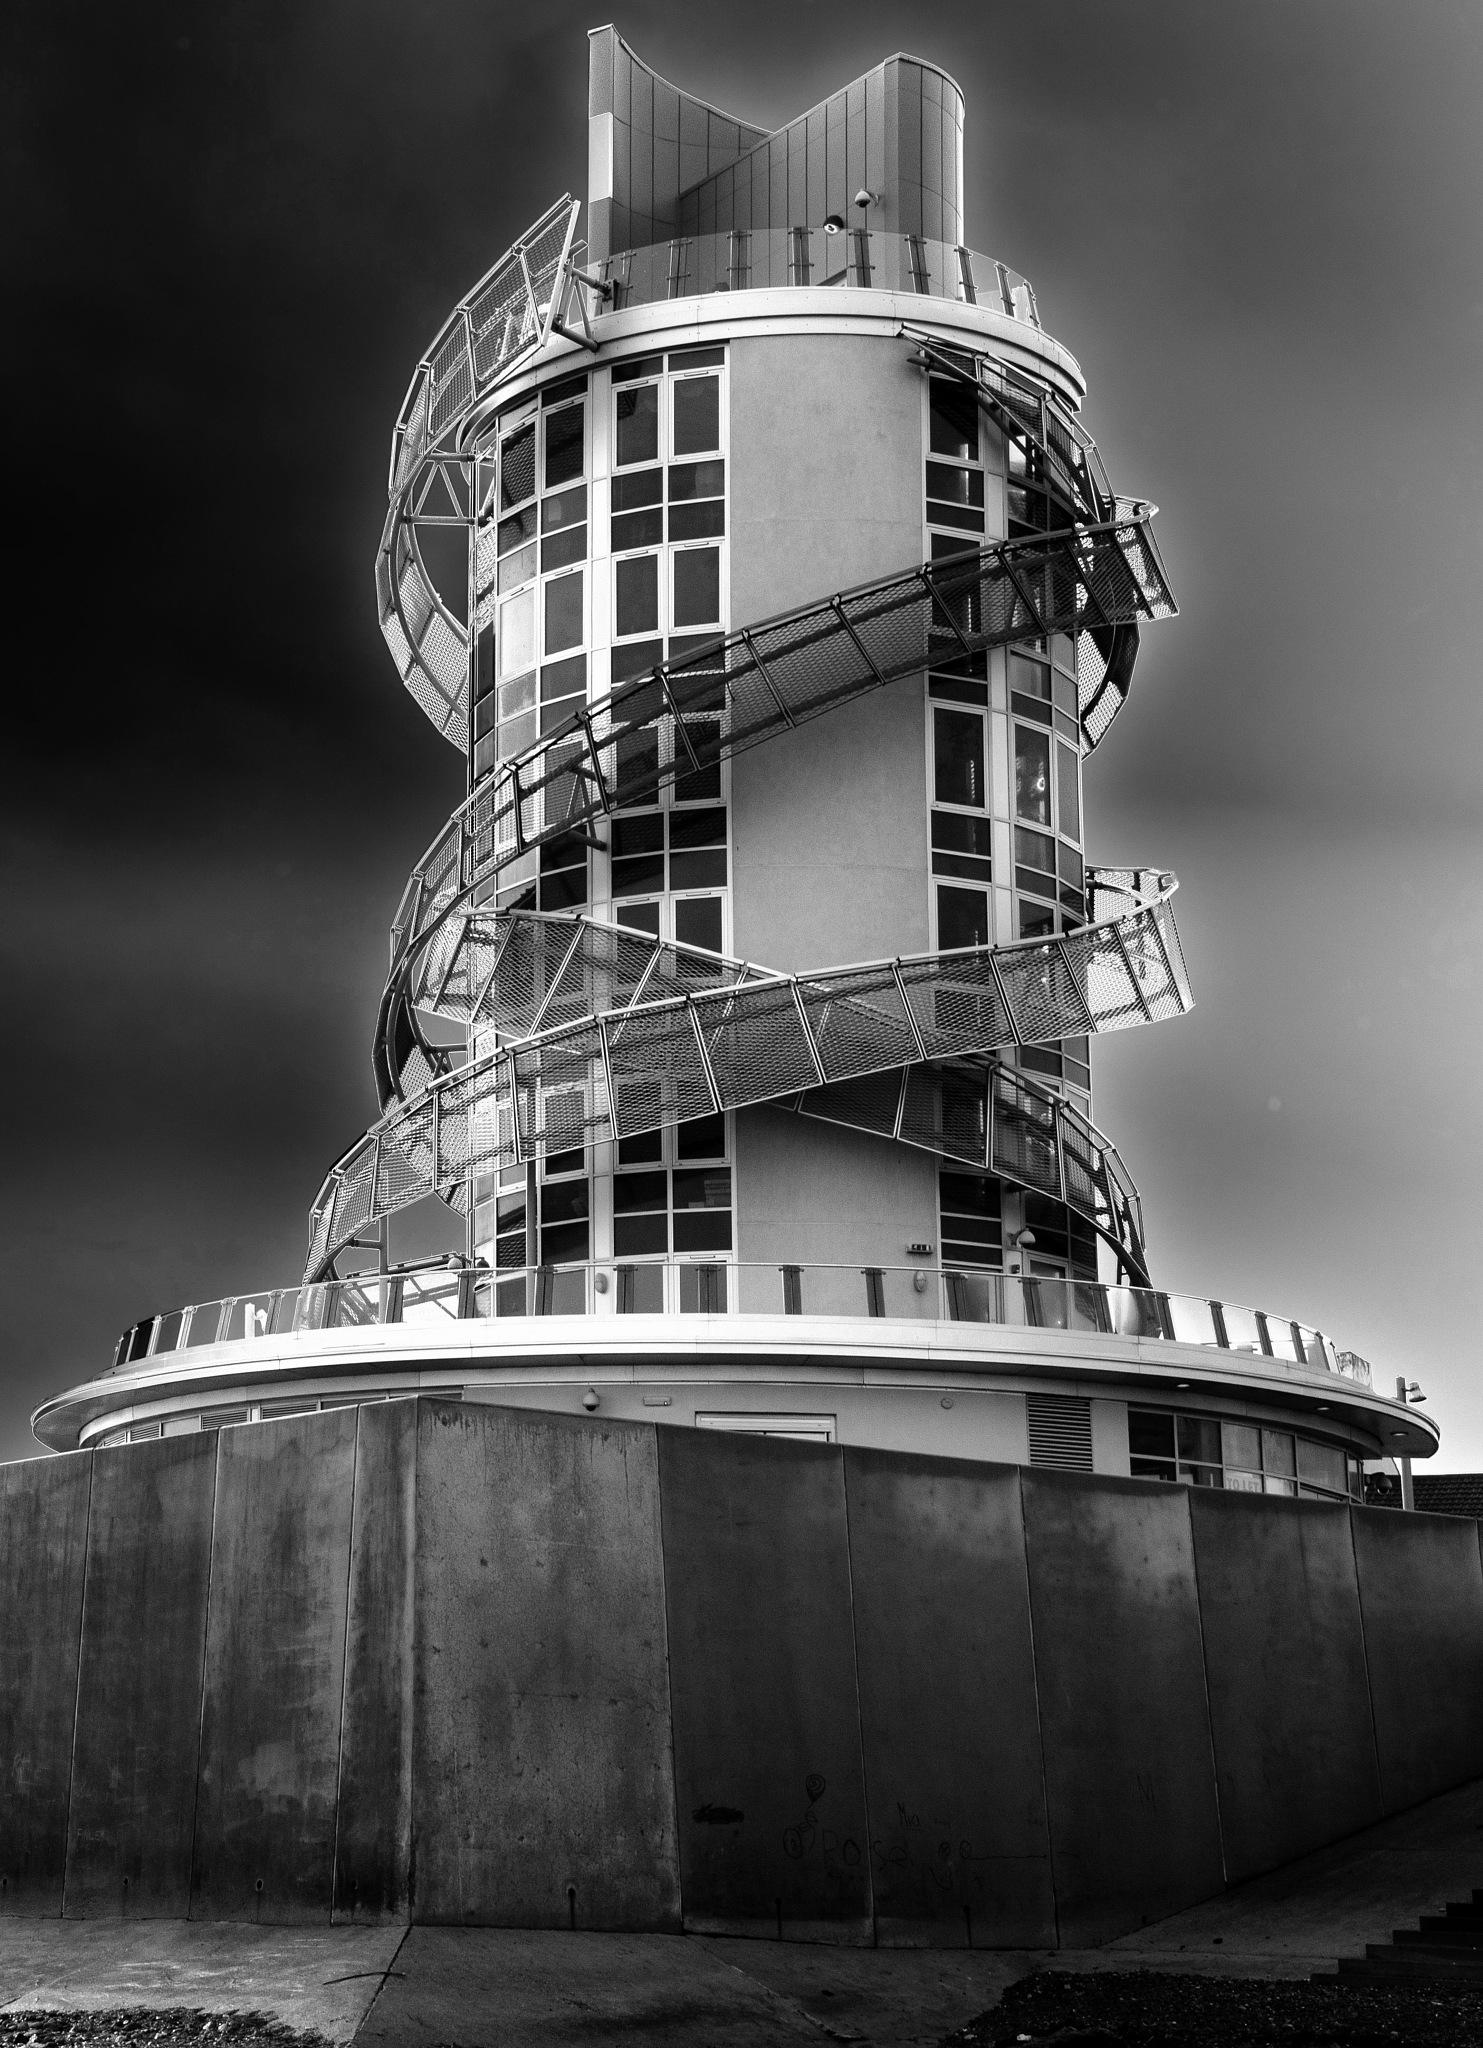 Redcar Beacon by Neil Sheldon